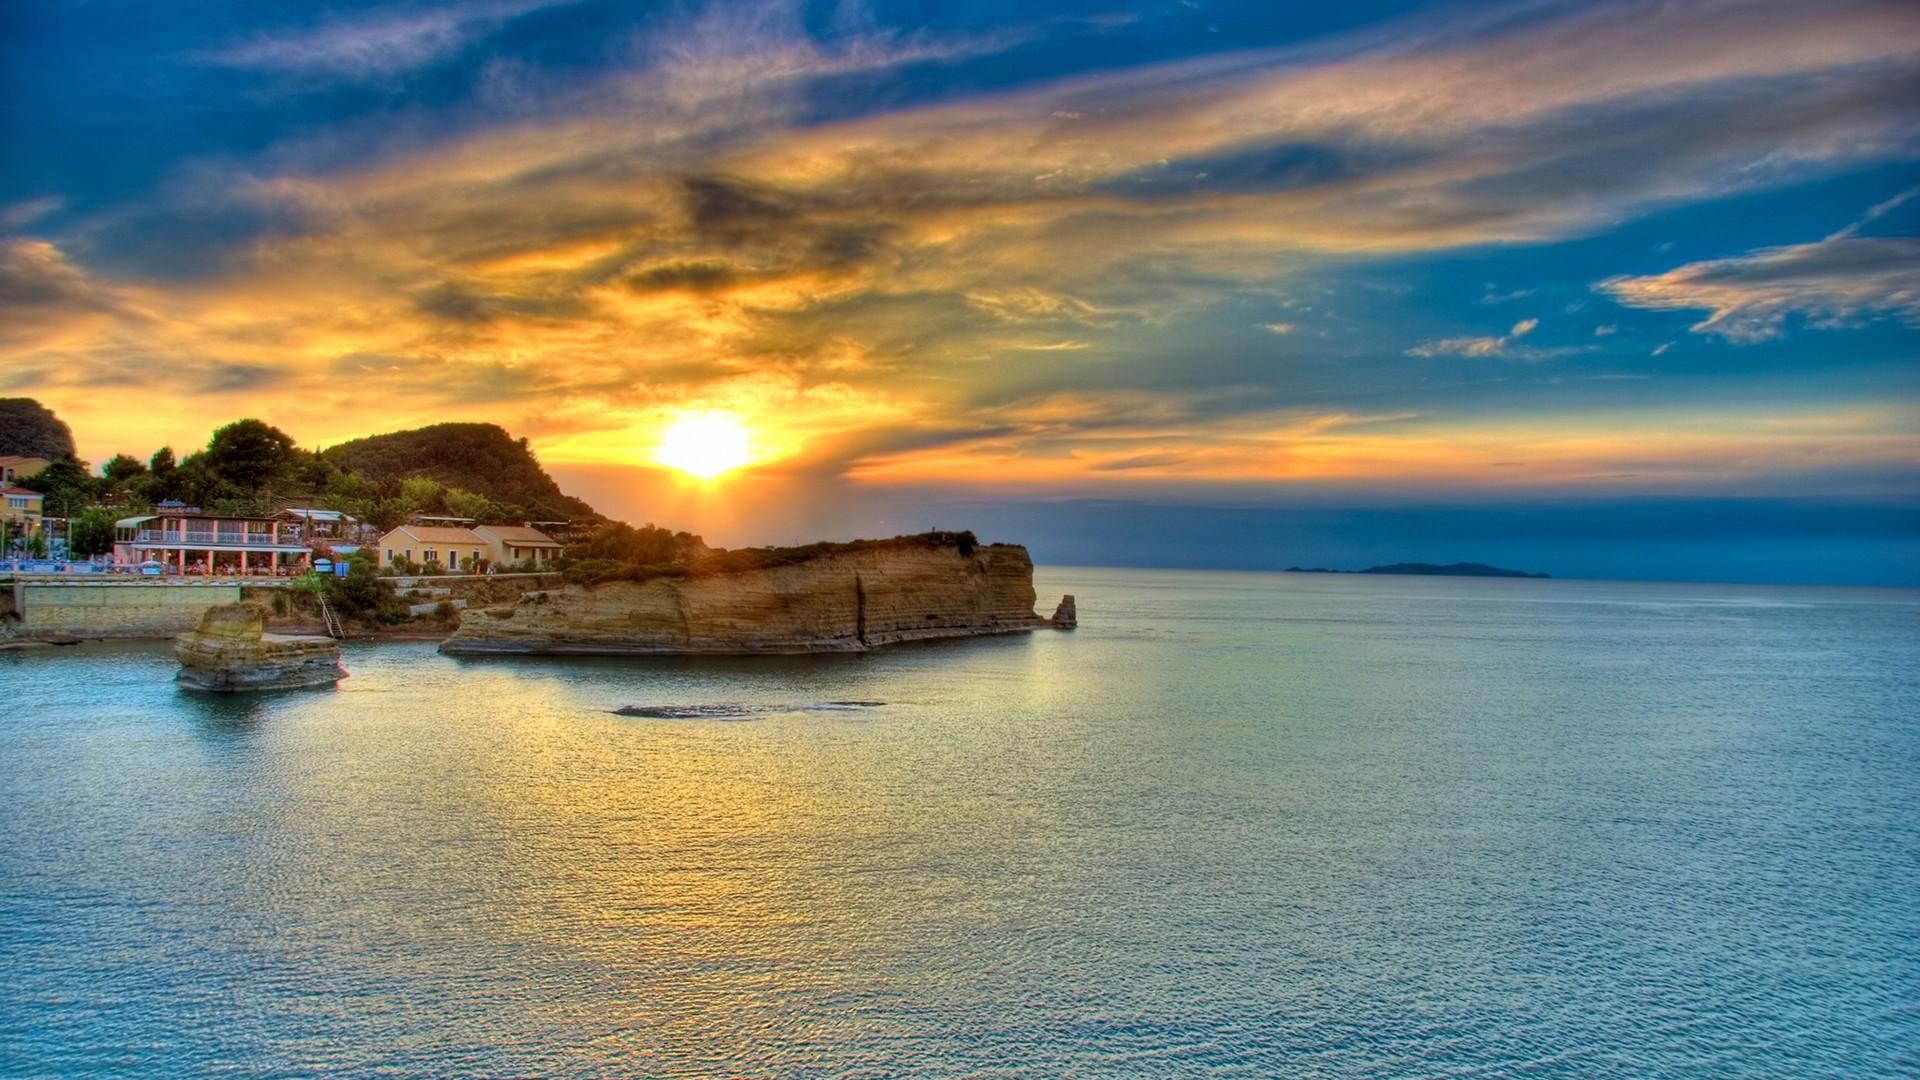 Sunset in Corfu Island Greece wallpaper 1920x1080 1080p 1920x1080